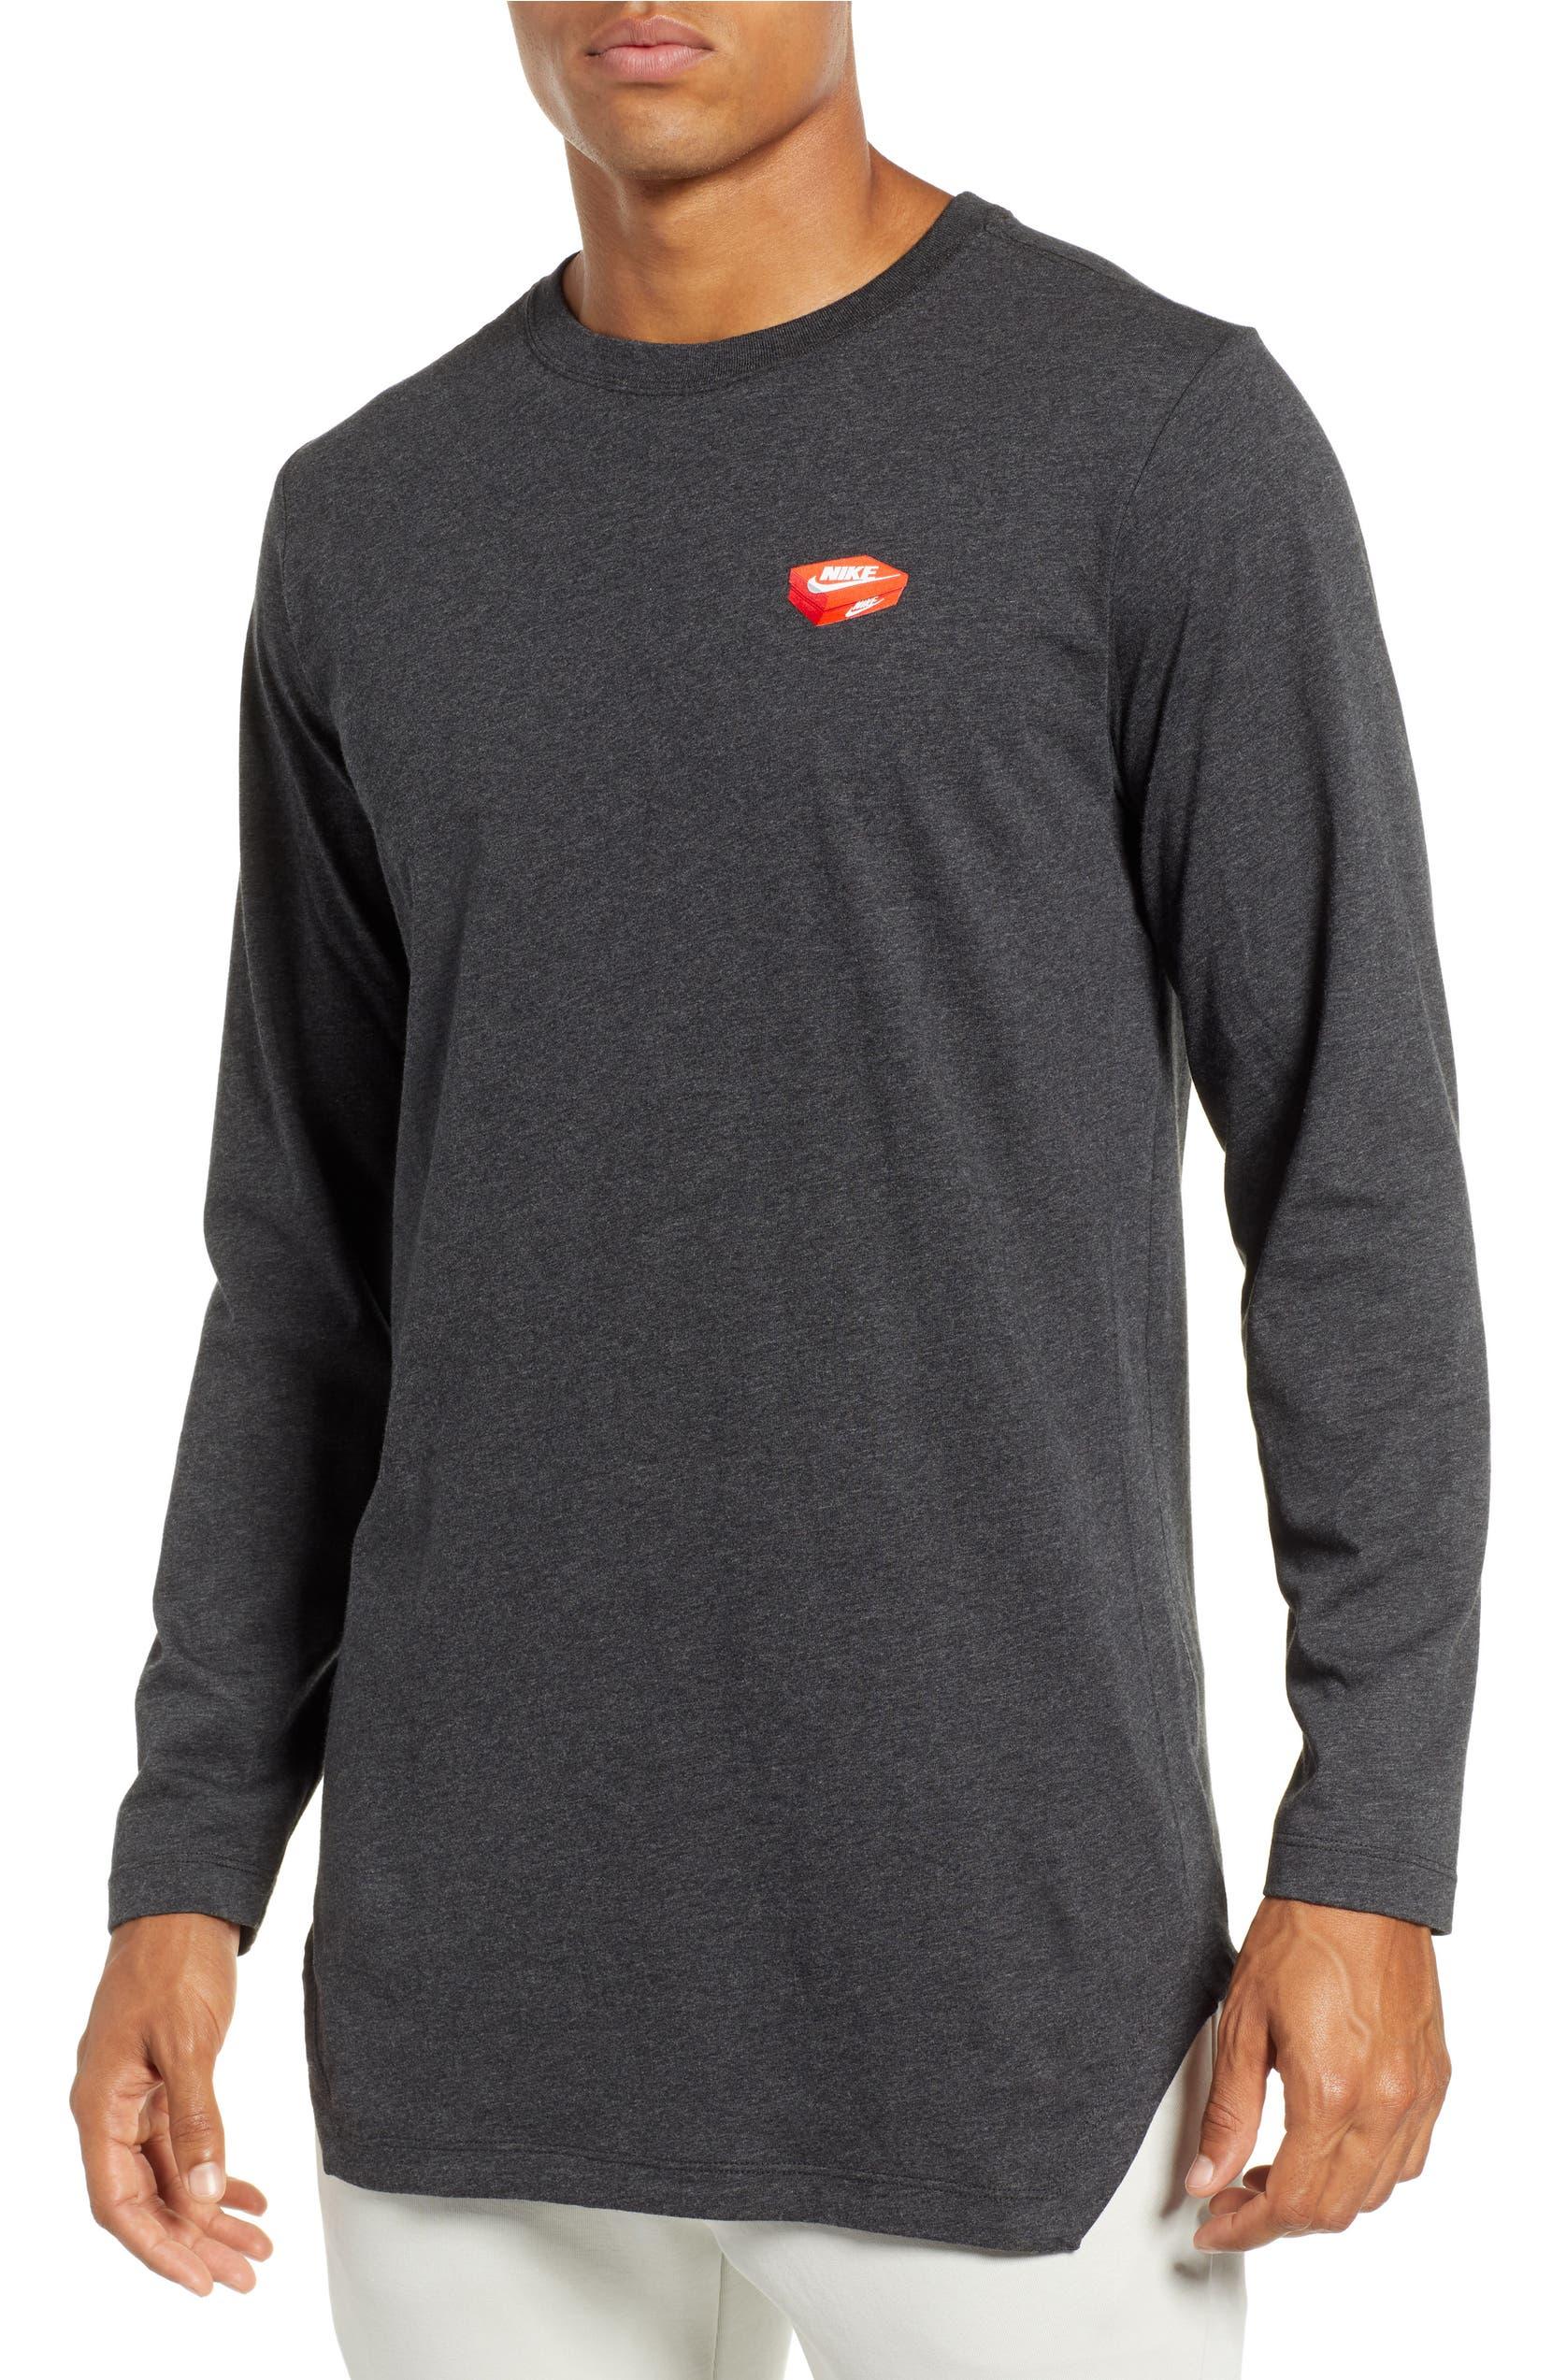 Nike NSW Shoe Box Graphic Long Sleeve T-Shirt  e4d947d420c